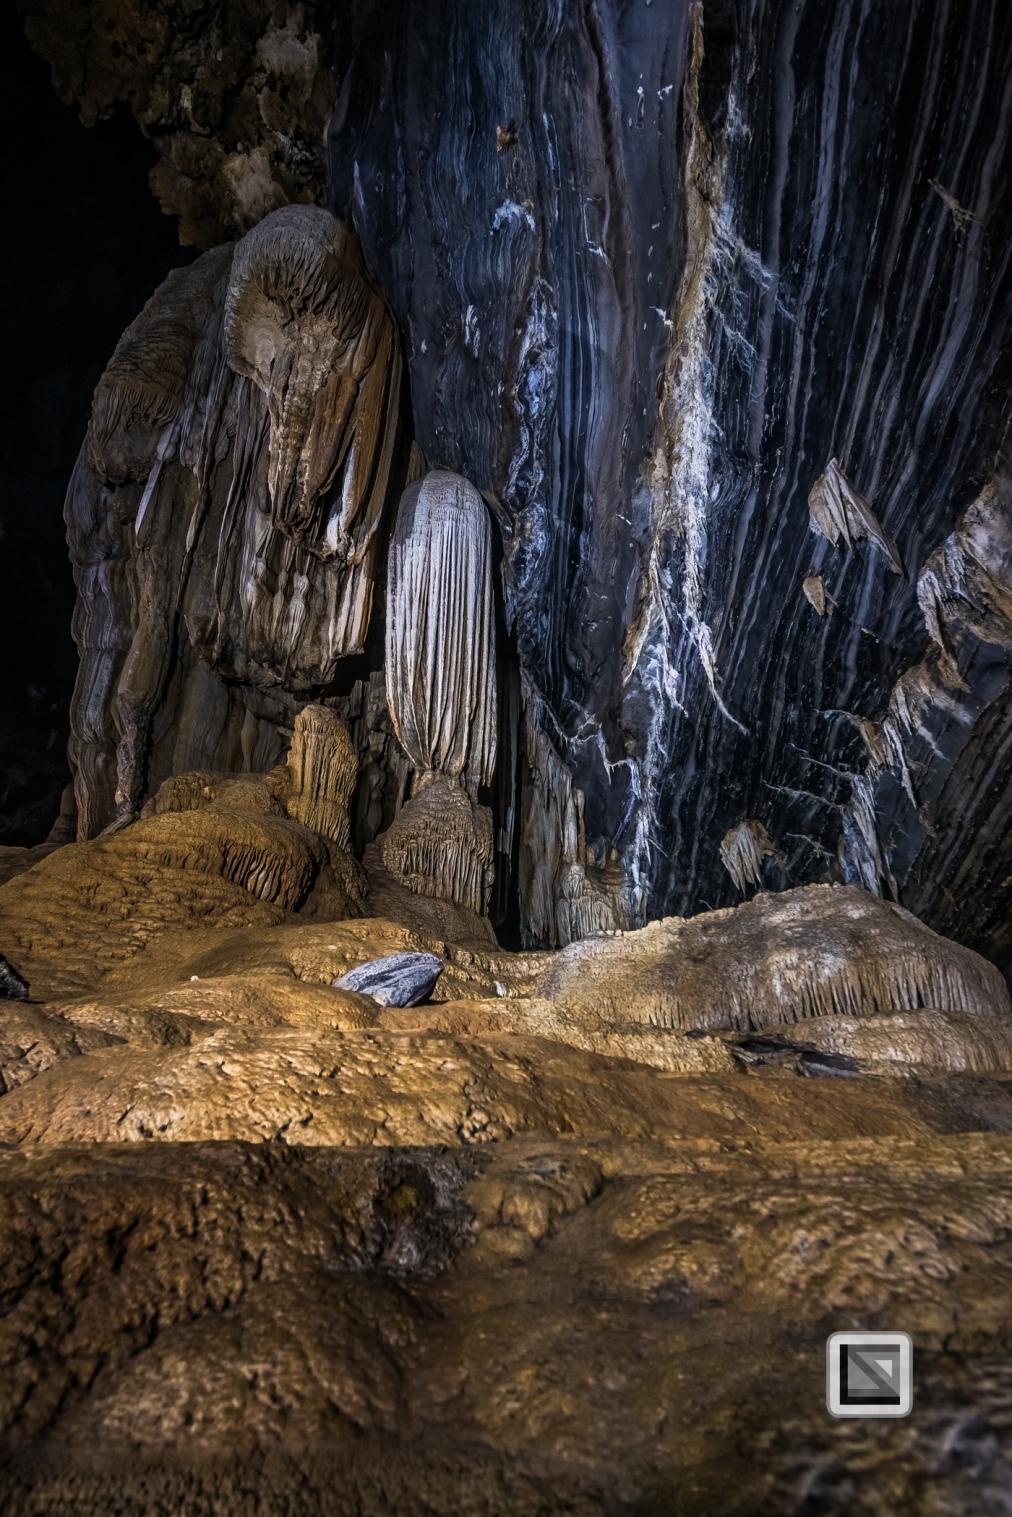 vietnam-phong_nha-hang_thien_cave_system-82